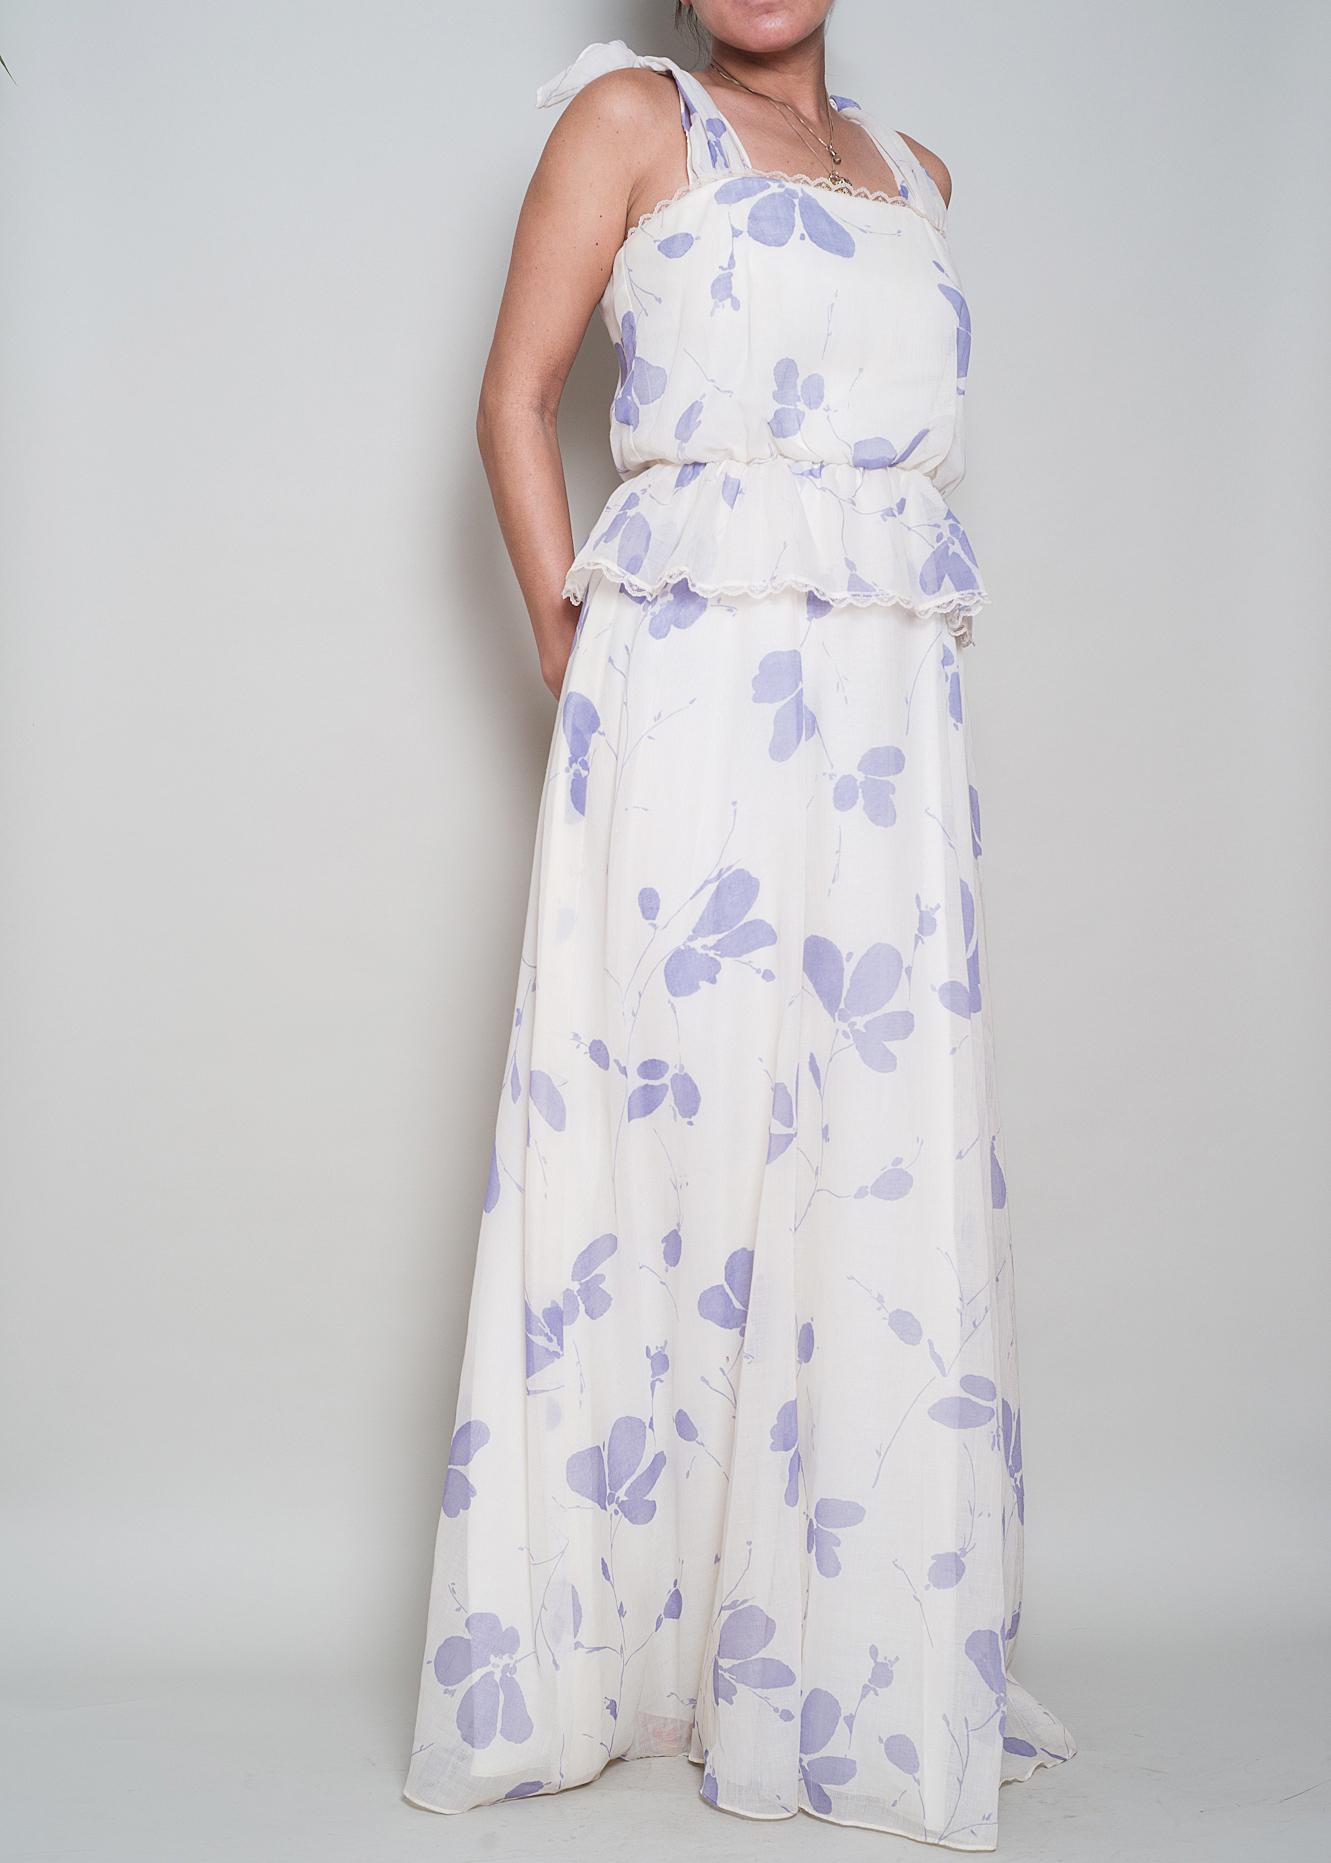 A_Part_of_the_Rest_Vintage_1970s_White_Lavender_Floral_Cotton_Tie_Shoulder_Maxi_Ruffle_004.jpg